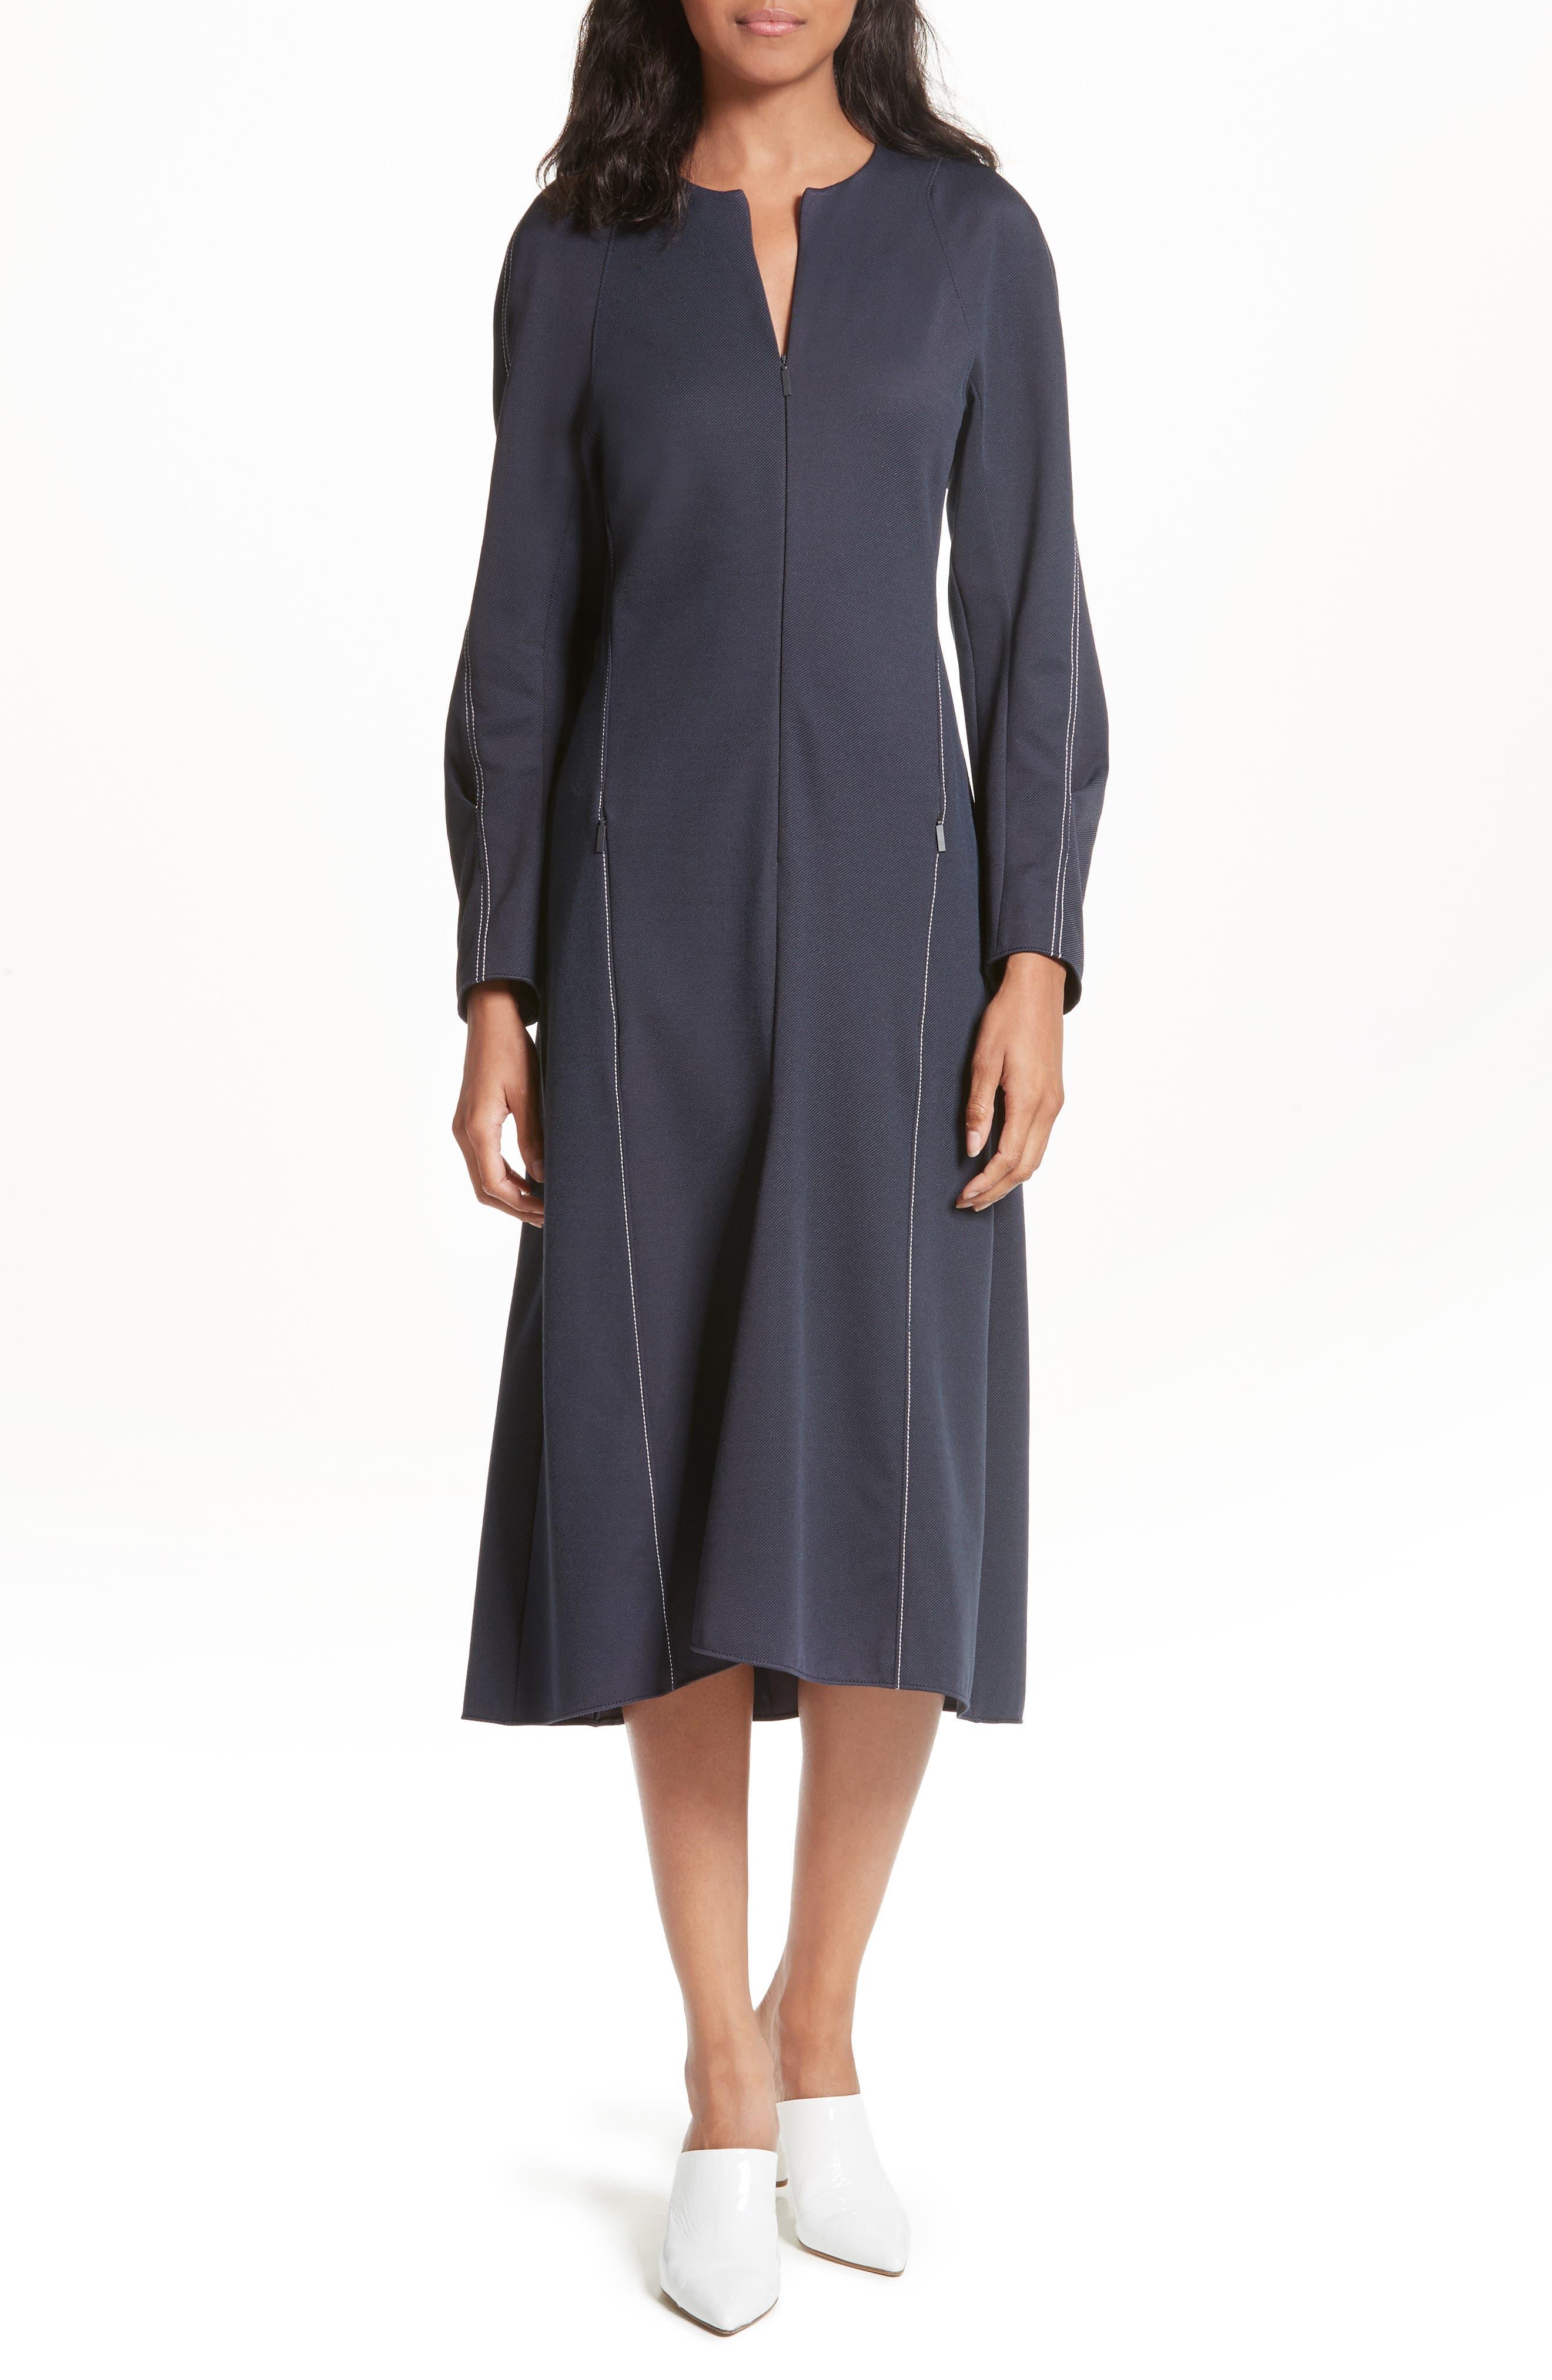 Tibi Sculpted Stretch Twill Midi Dress